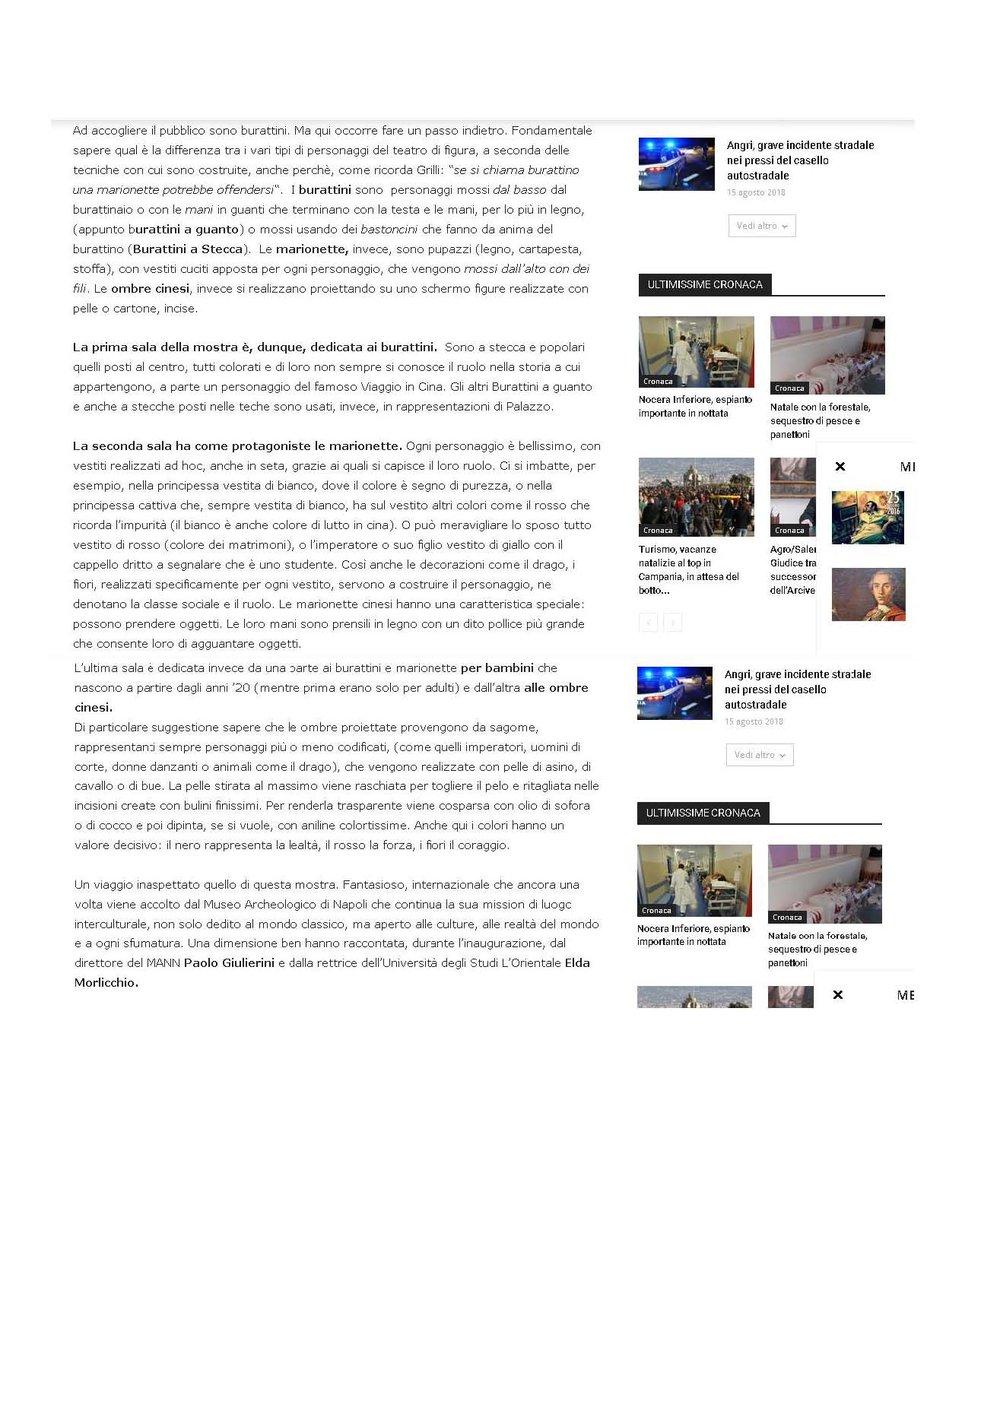 AGROTODAY 25 dic 2018 Le figure dei sogni_Pagina_2.jpg